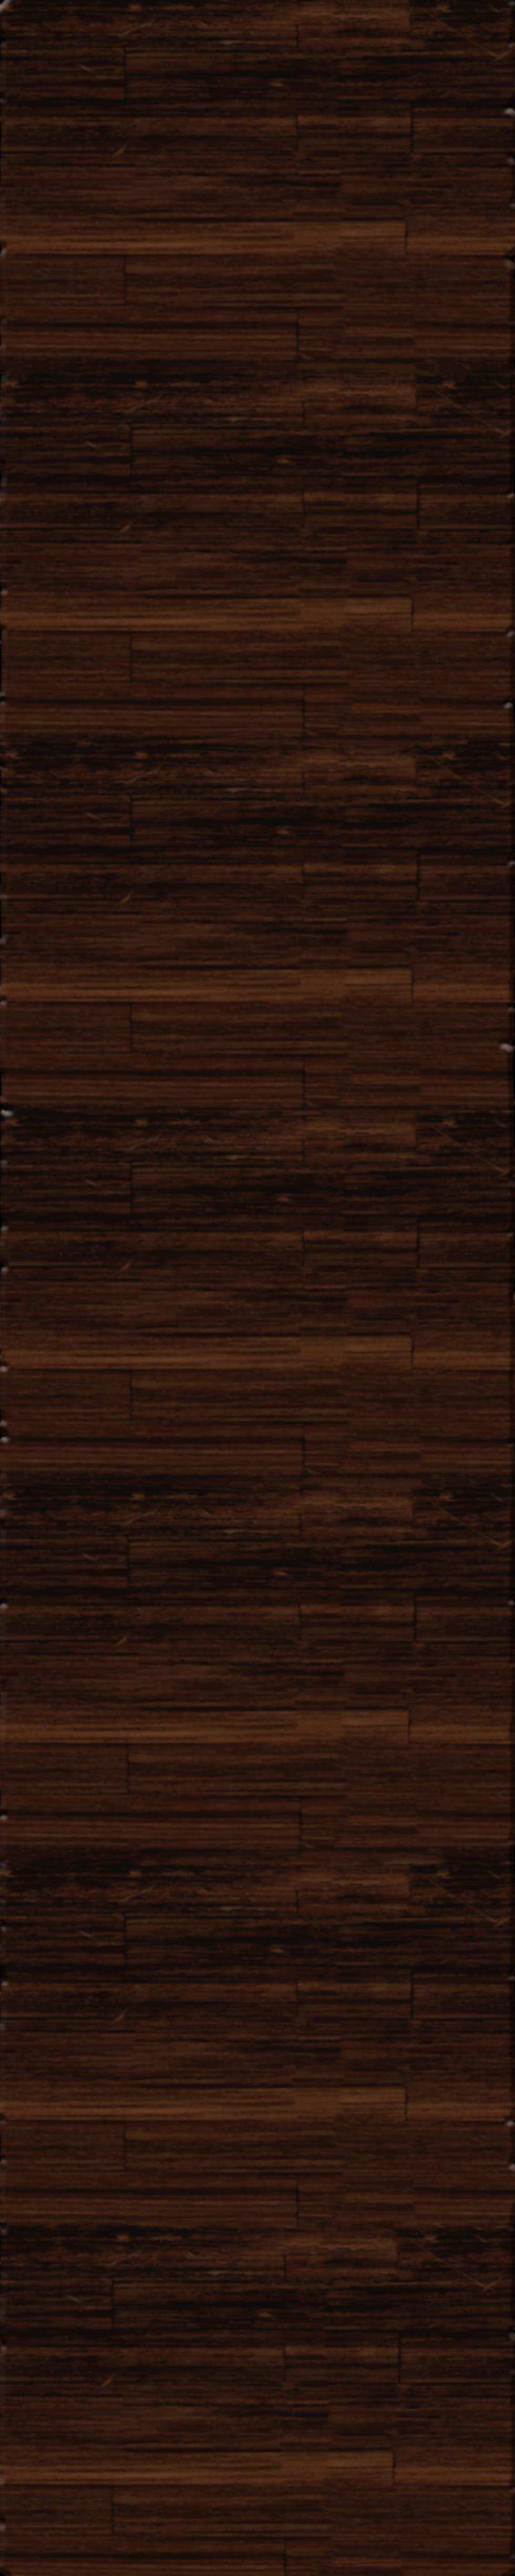 wood_1000x5000.png